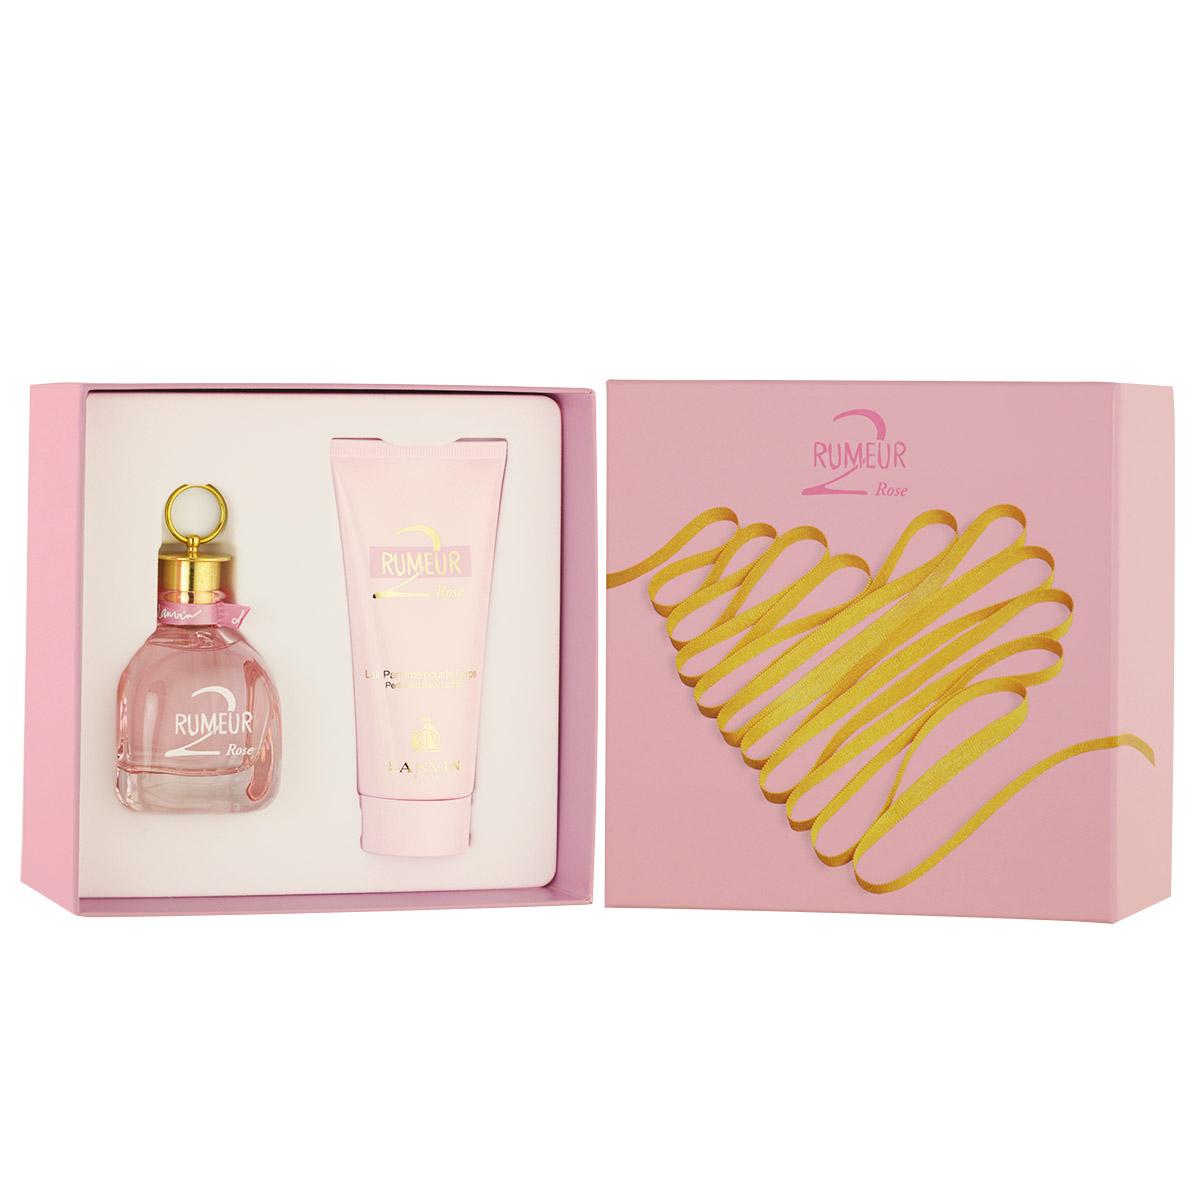 Lanvin Paris Rumeur 2 Rose EDP 50 ml + BL 100 ml W